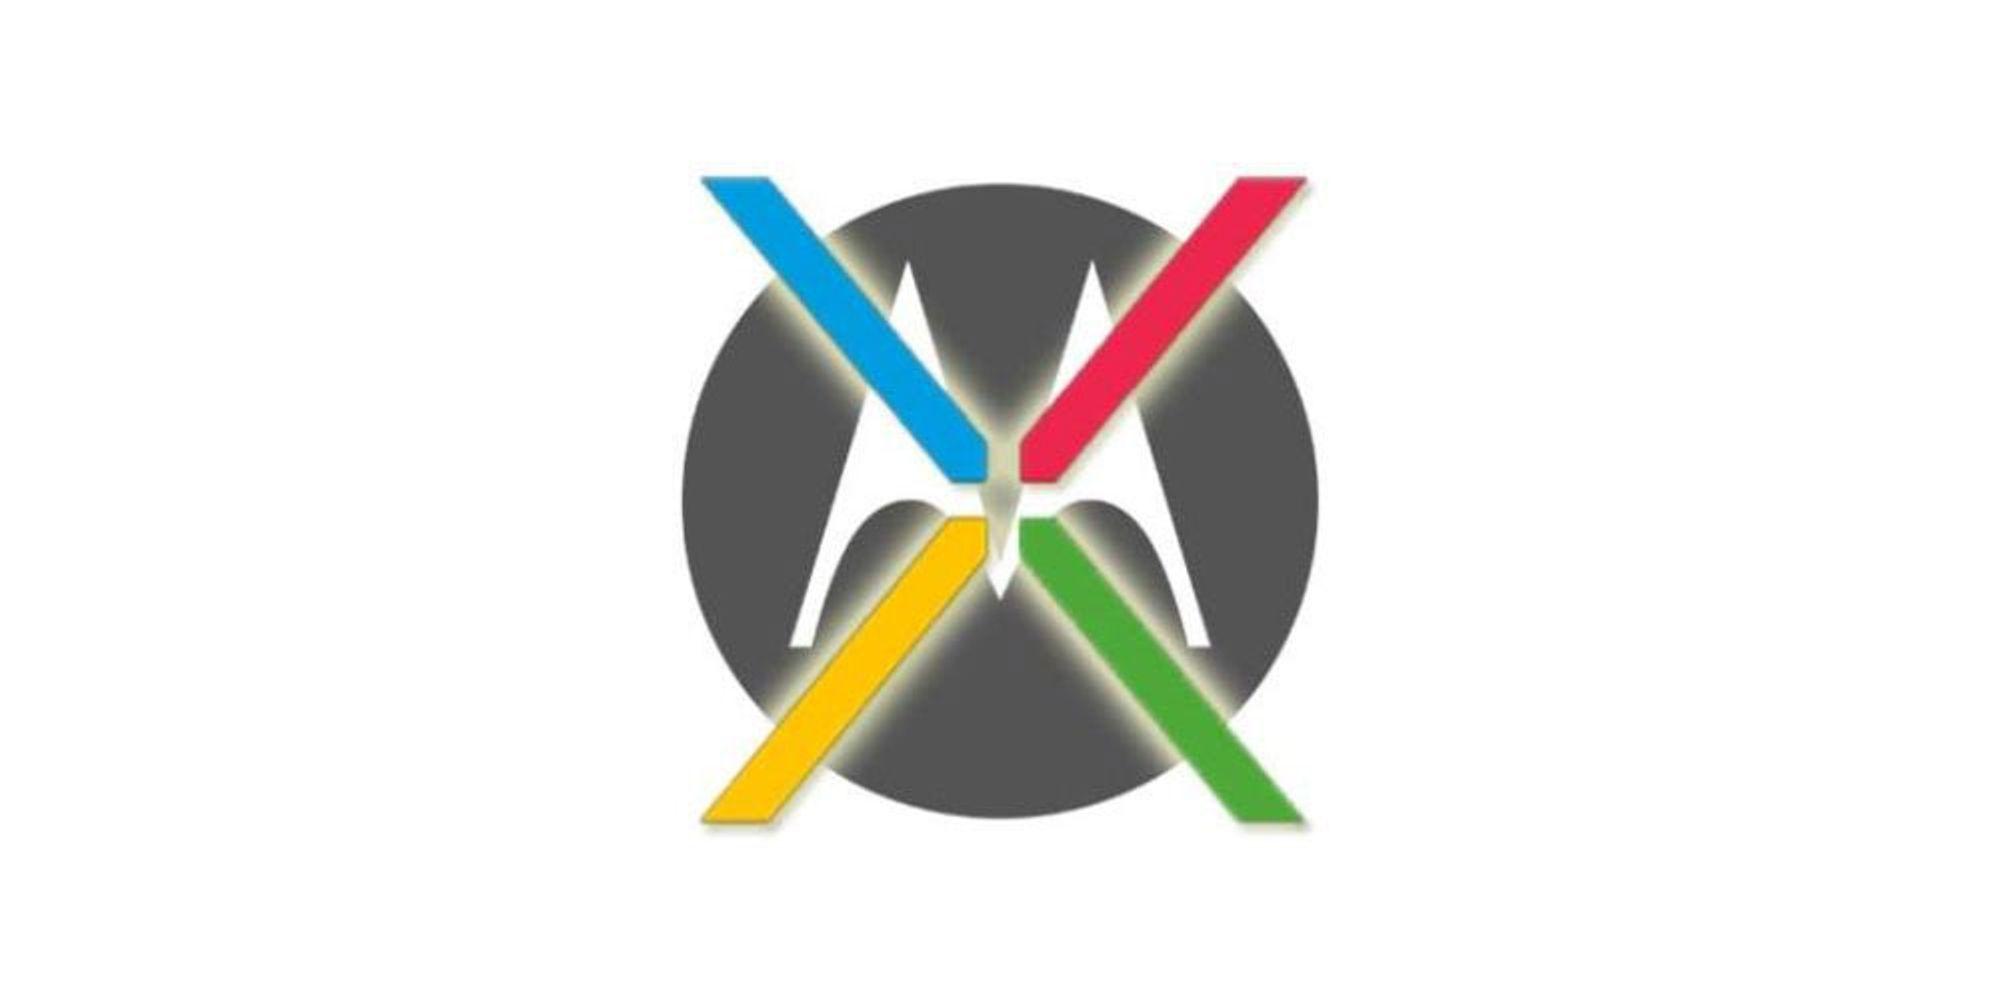 Kommer neste Nexus fra Motorola?